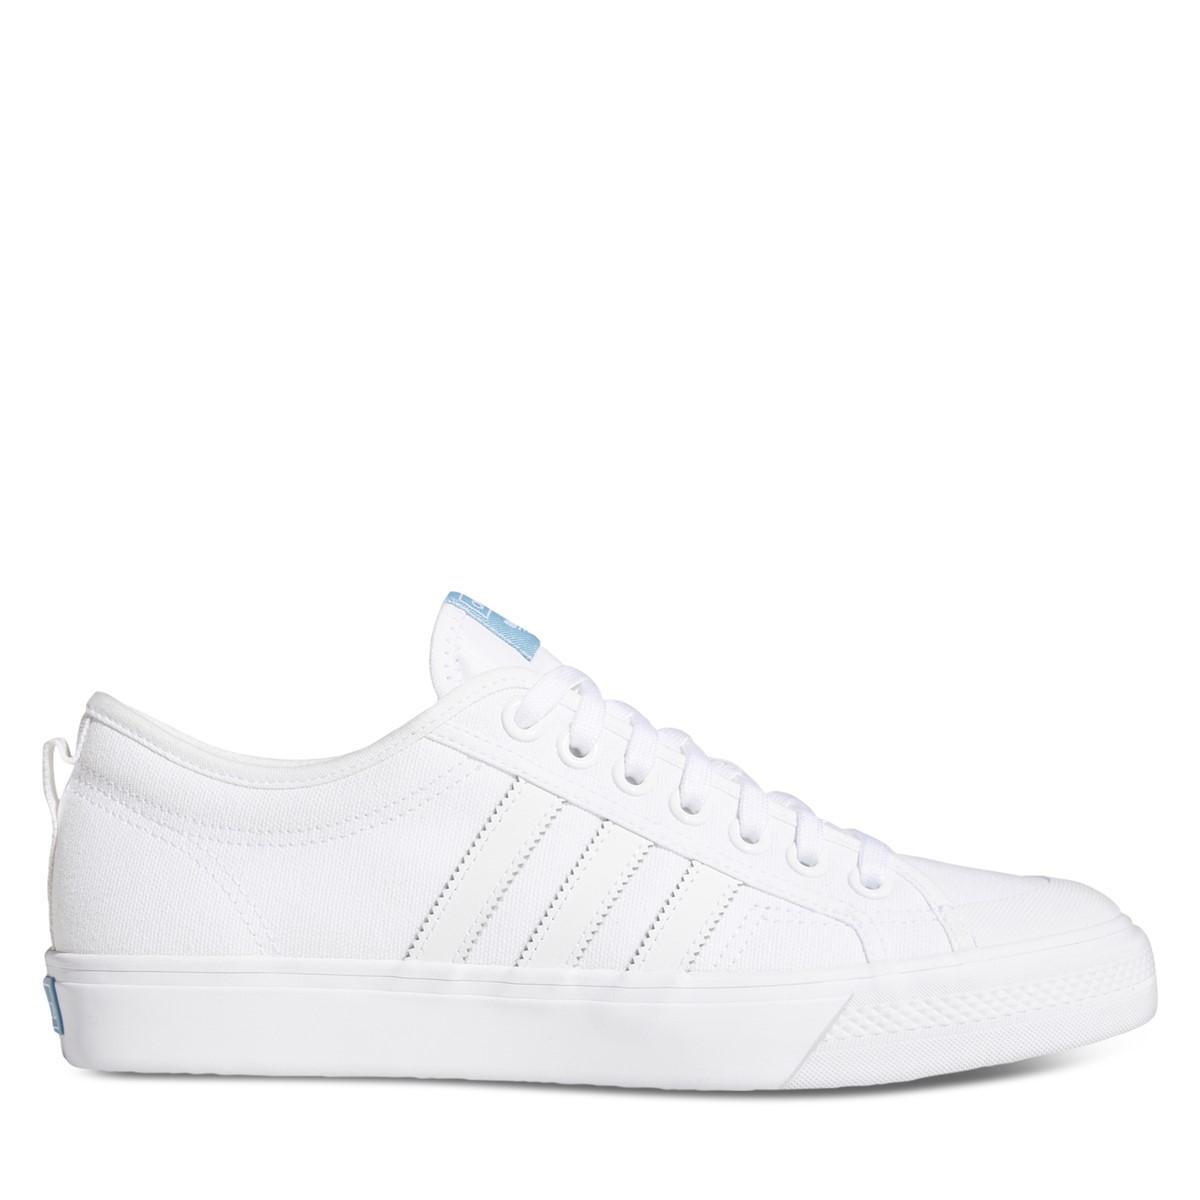 Men's Nizza Sneakers in White